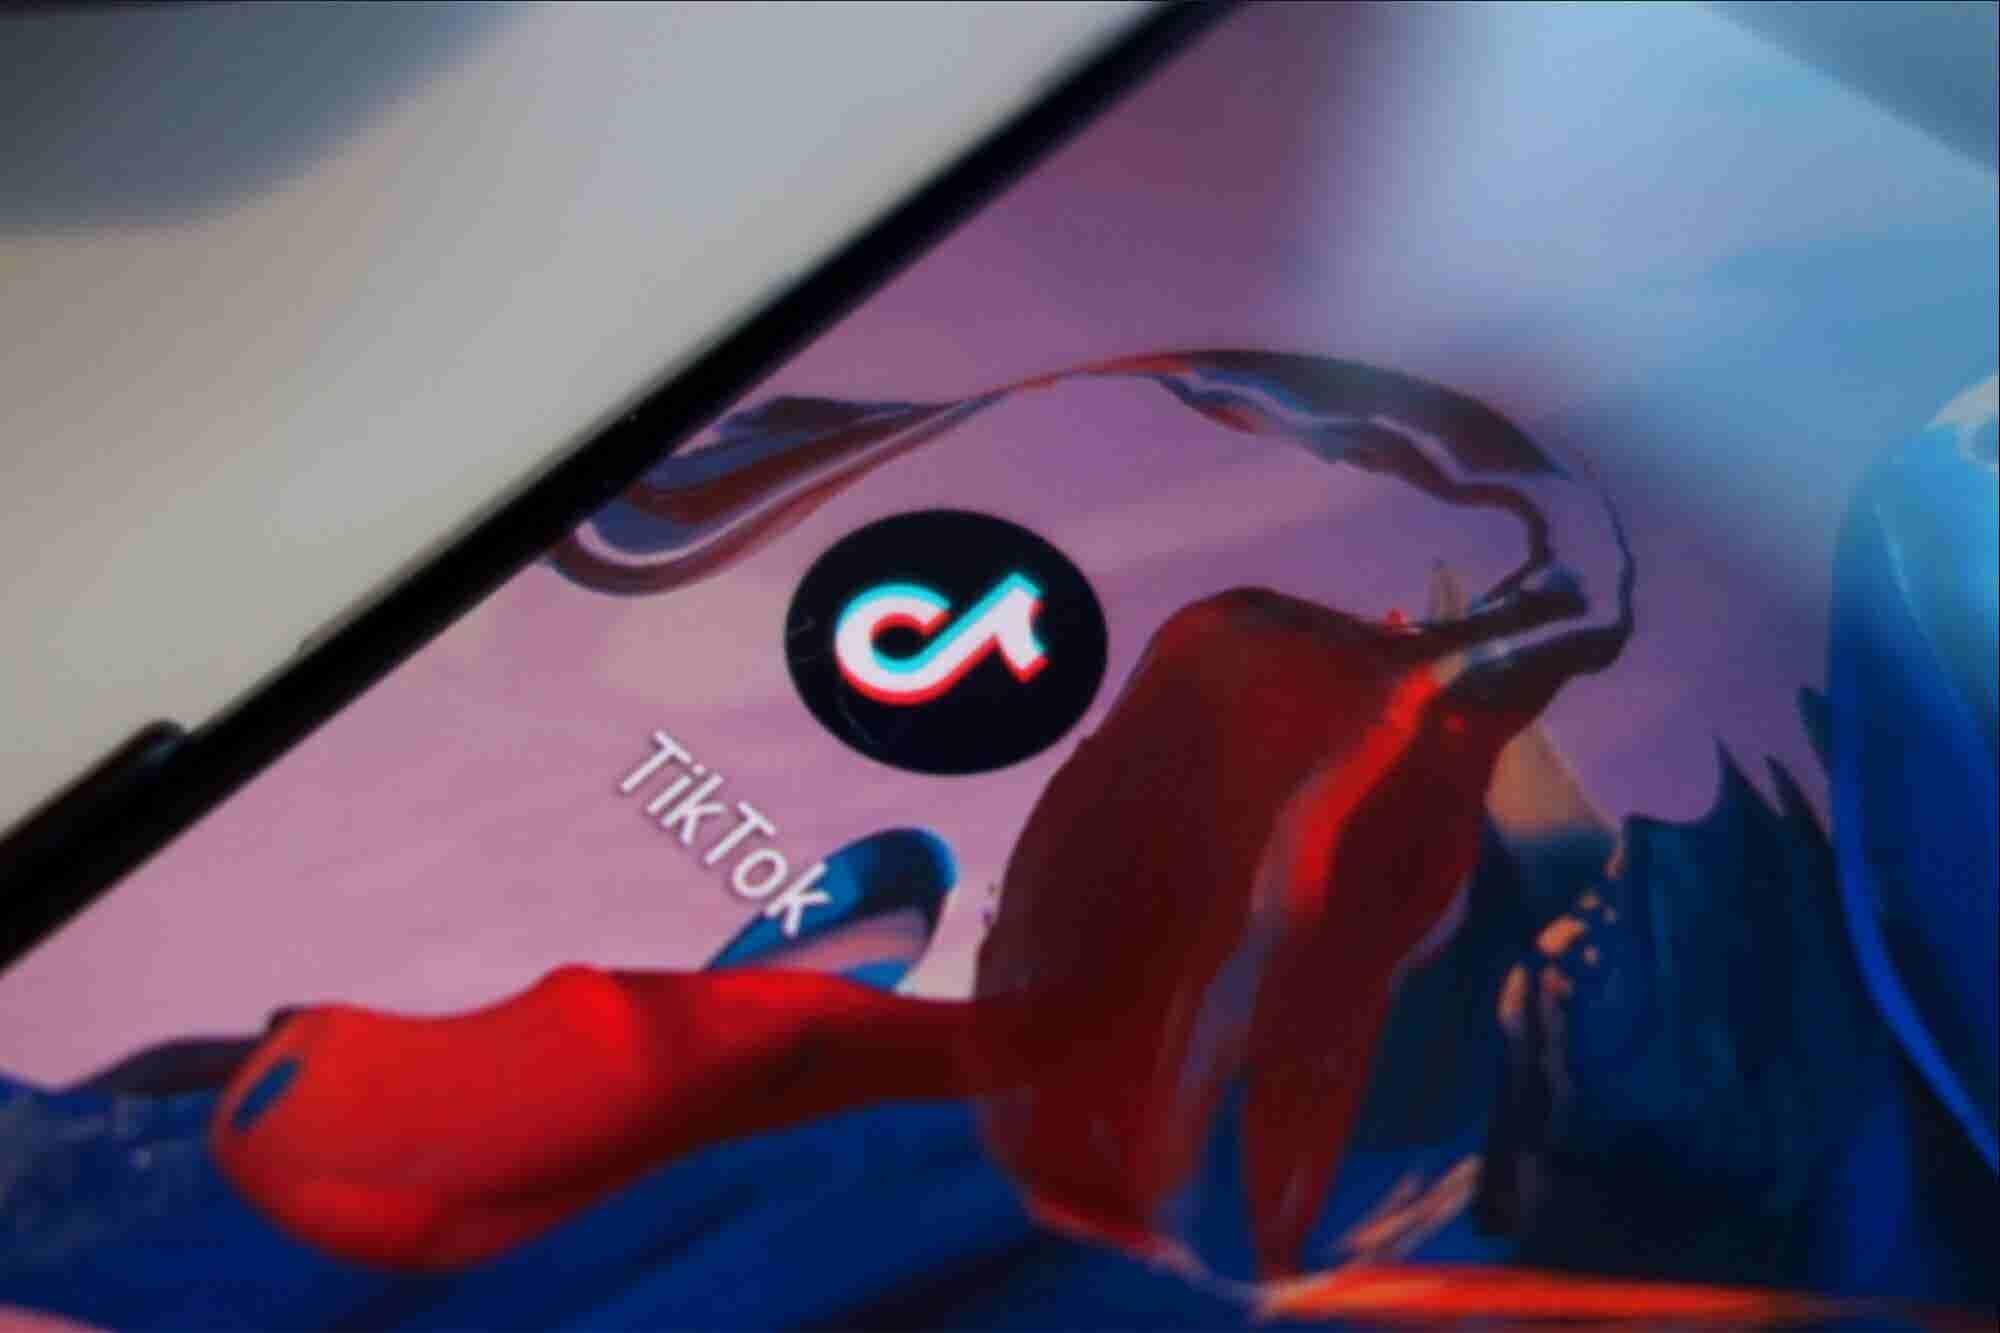 TikTok pagará una multa de 5.7 millones de dólares por violar una ley de privacidad para niños